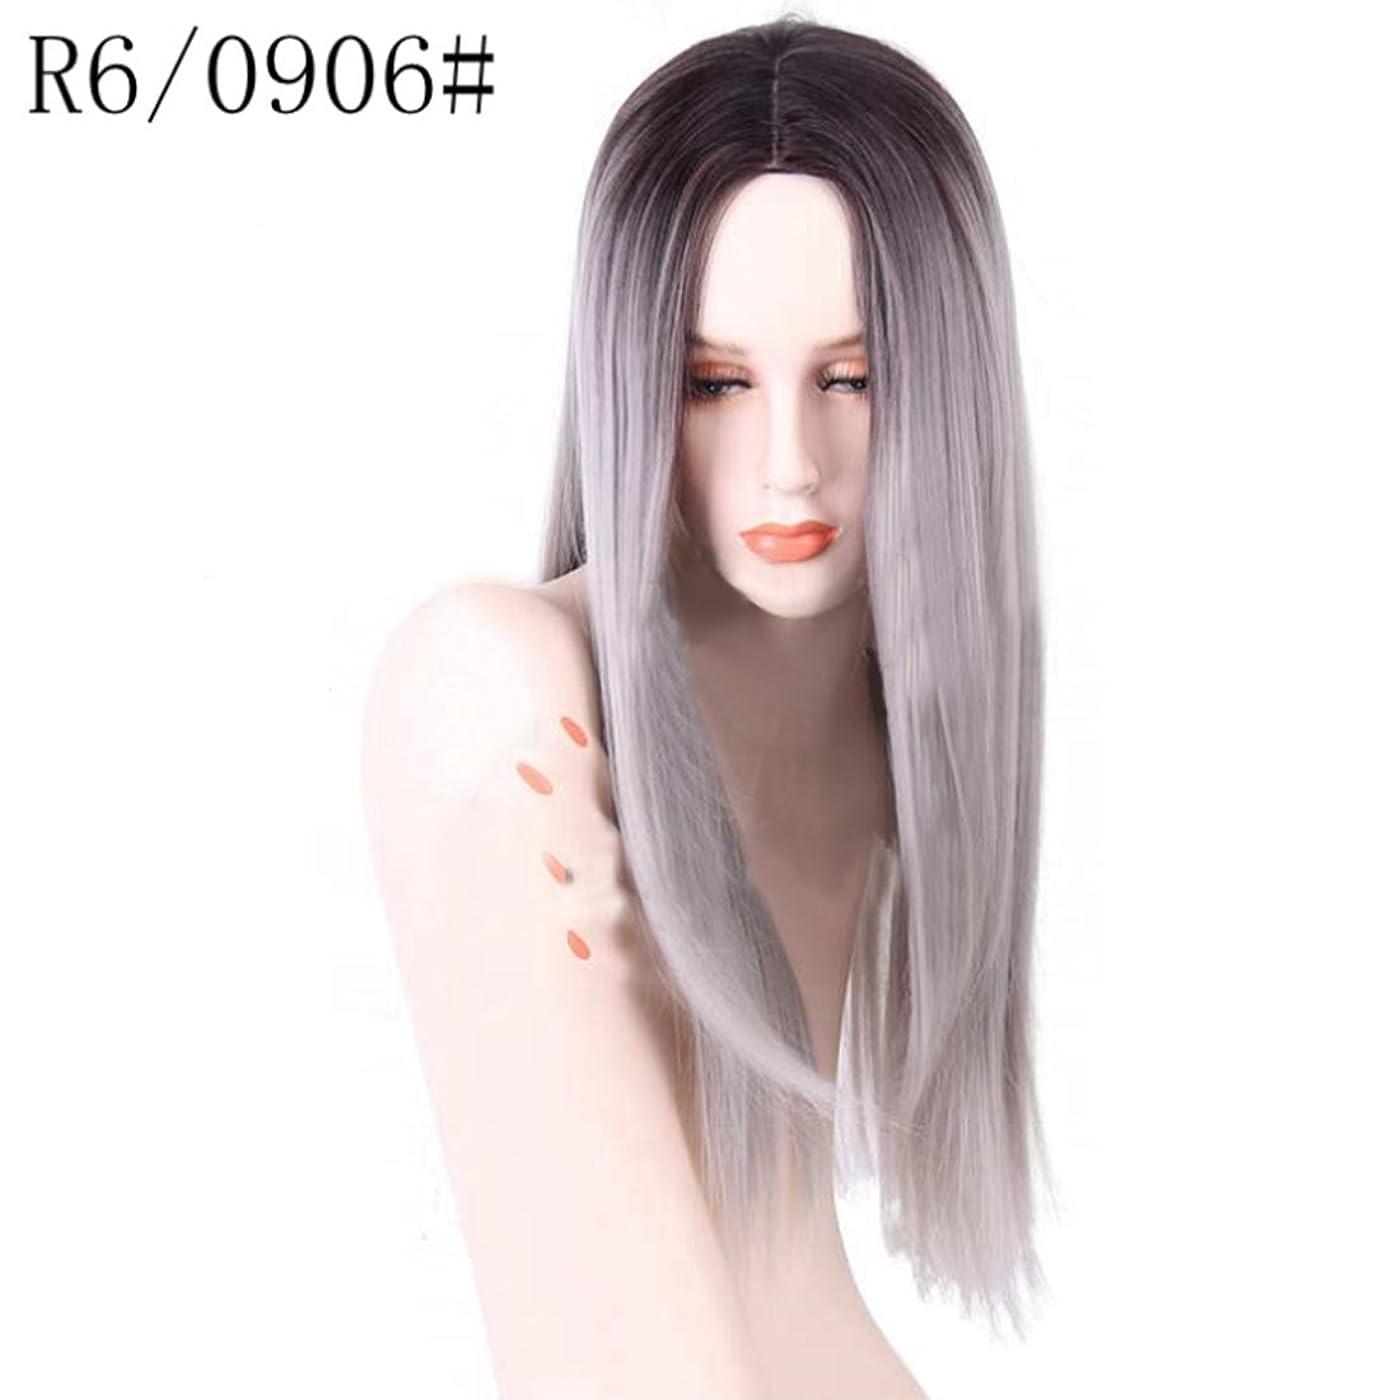 トン幻想突然Doyvanntgo 女性のための高温ウィッグフラットバンズウィッグの長いストレートヘア26inchの長さの自然な色のグラデーション (Color : R2/0906)